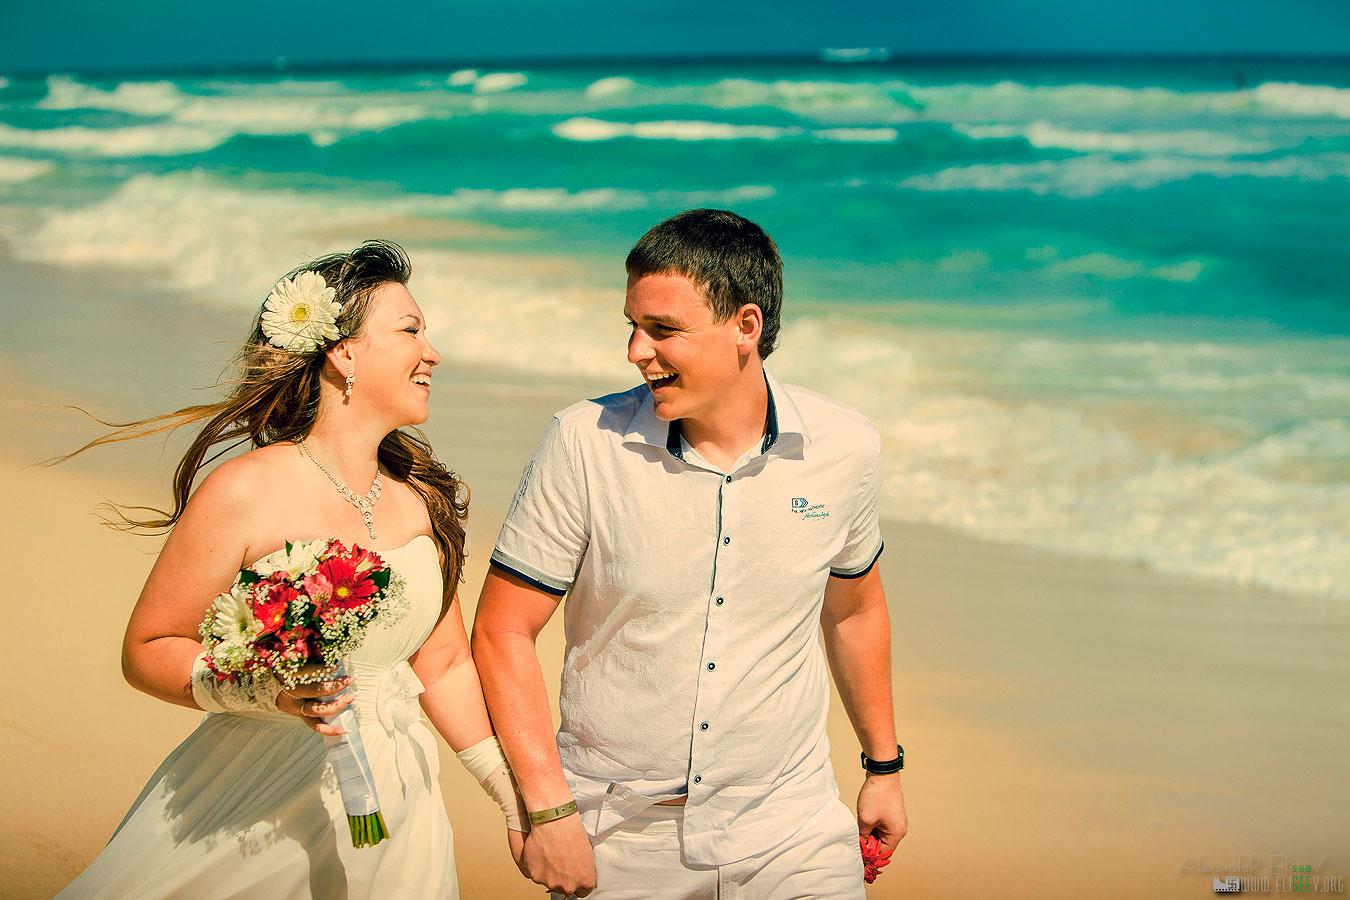 Эмоциональная фотография свадебной пары